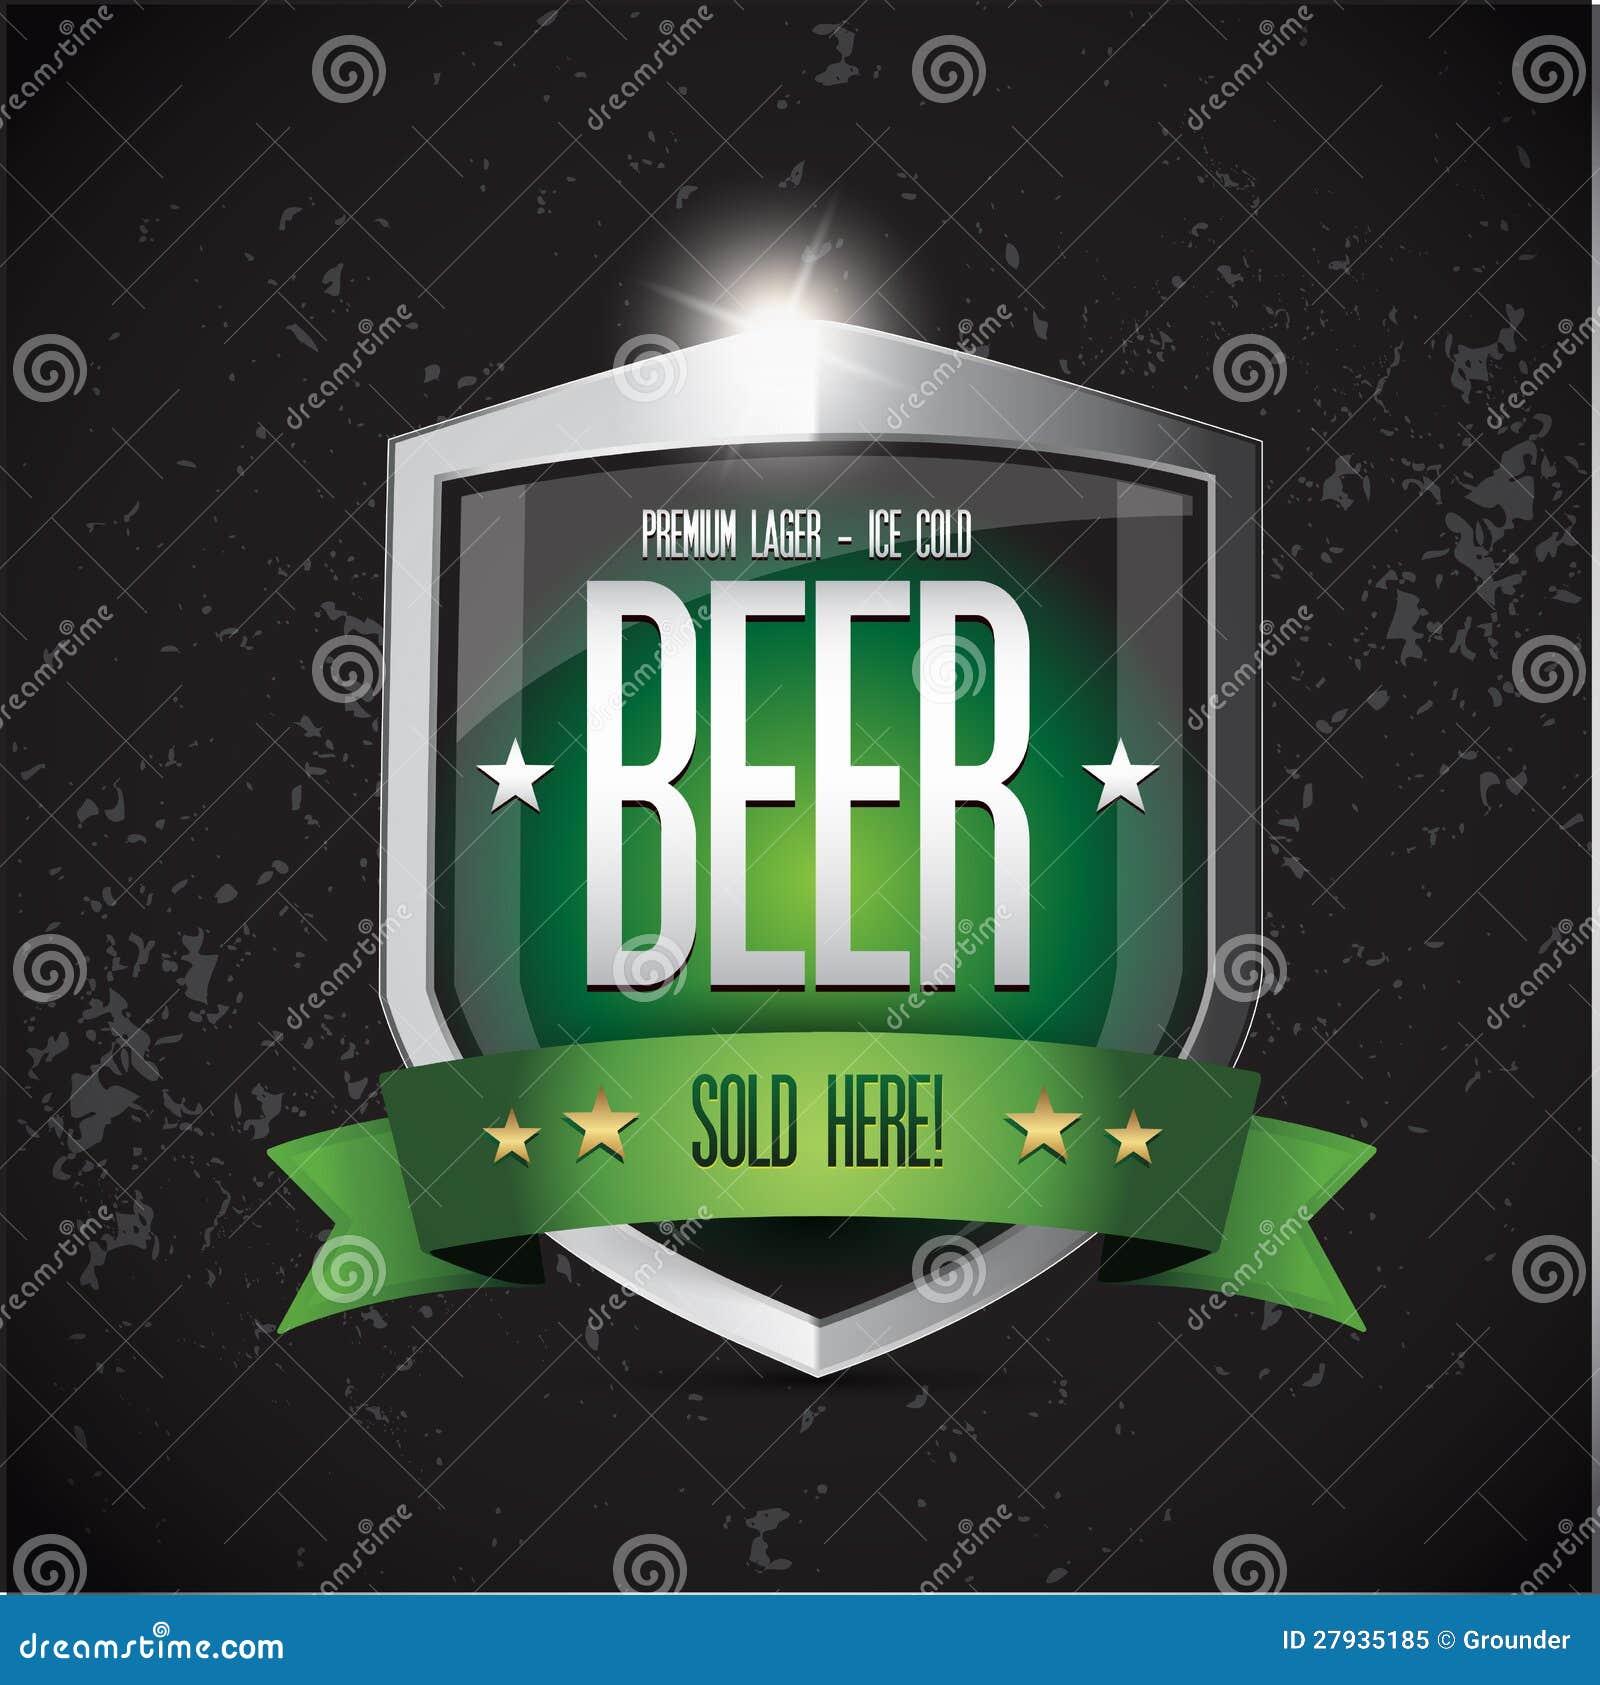 Bière blonde allemande de la meilleure qualité - écran protecteur glacé de bière